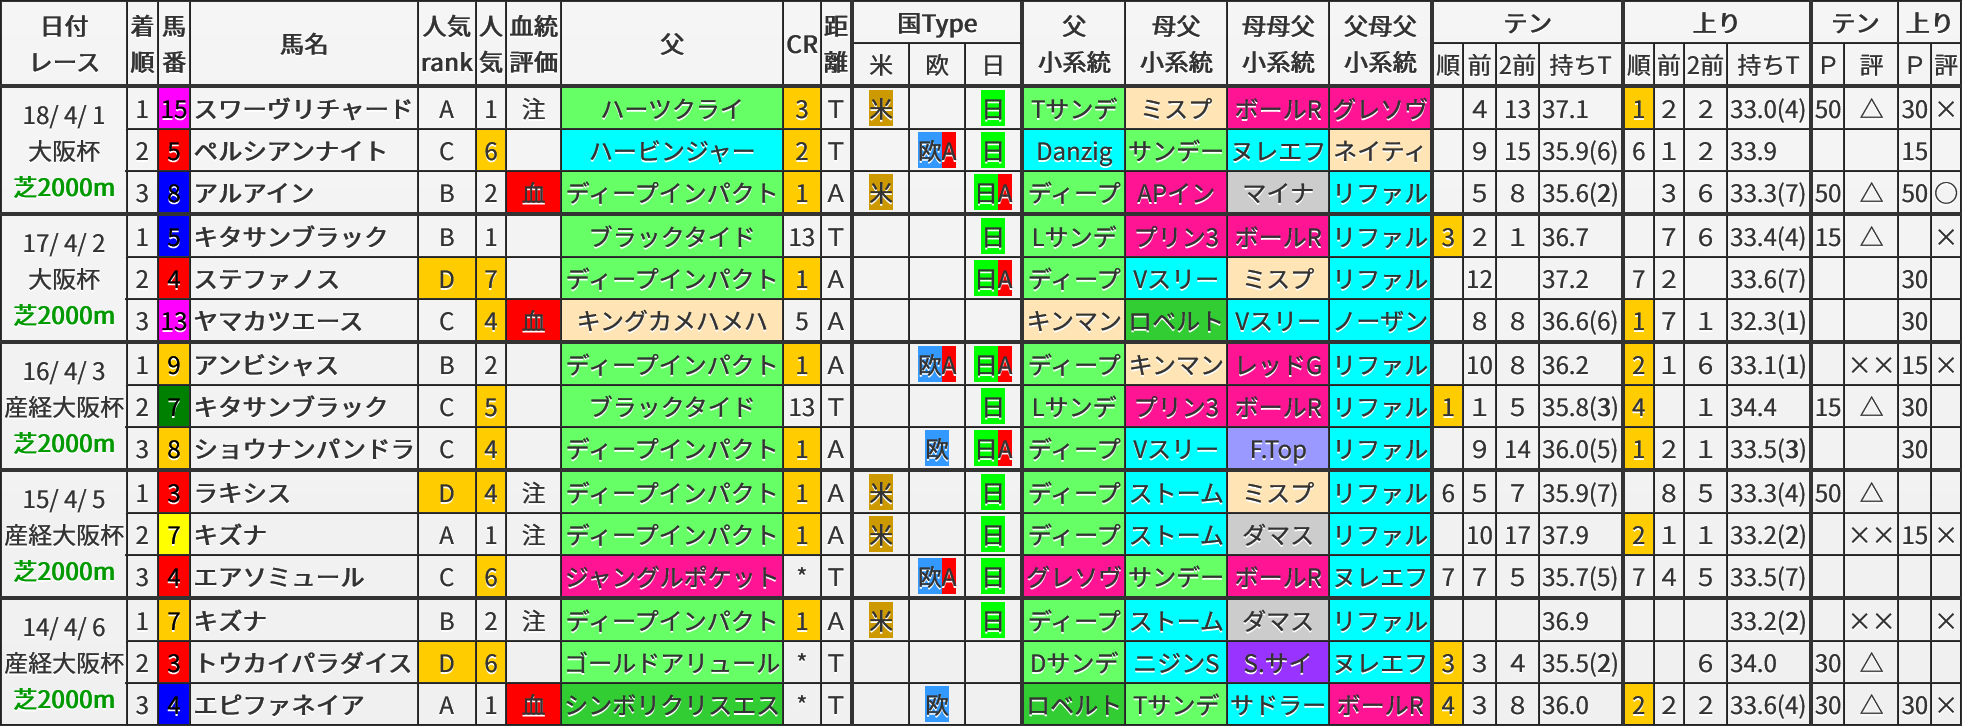 大阪杯 過去5年ブラッドバイアス